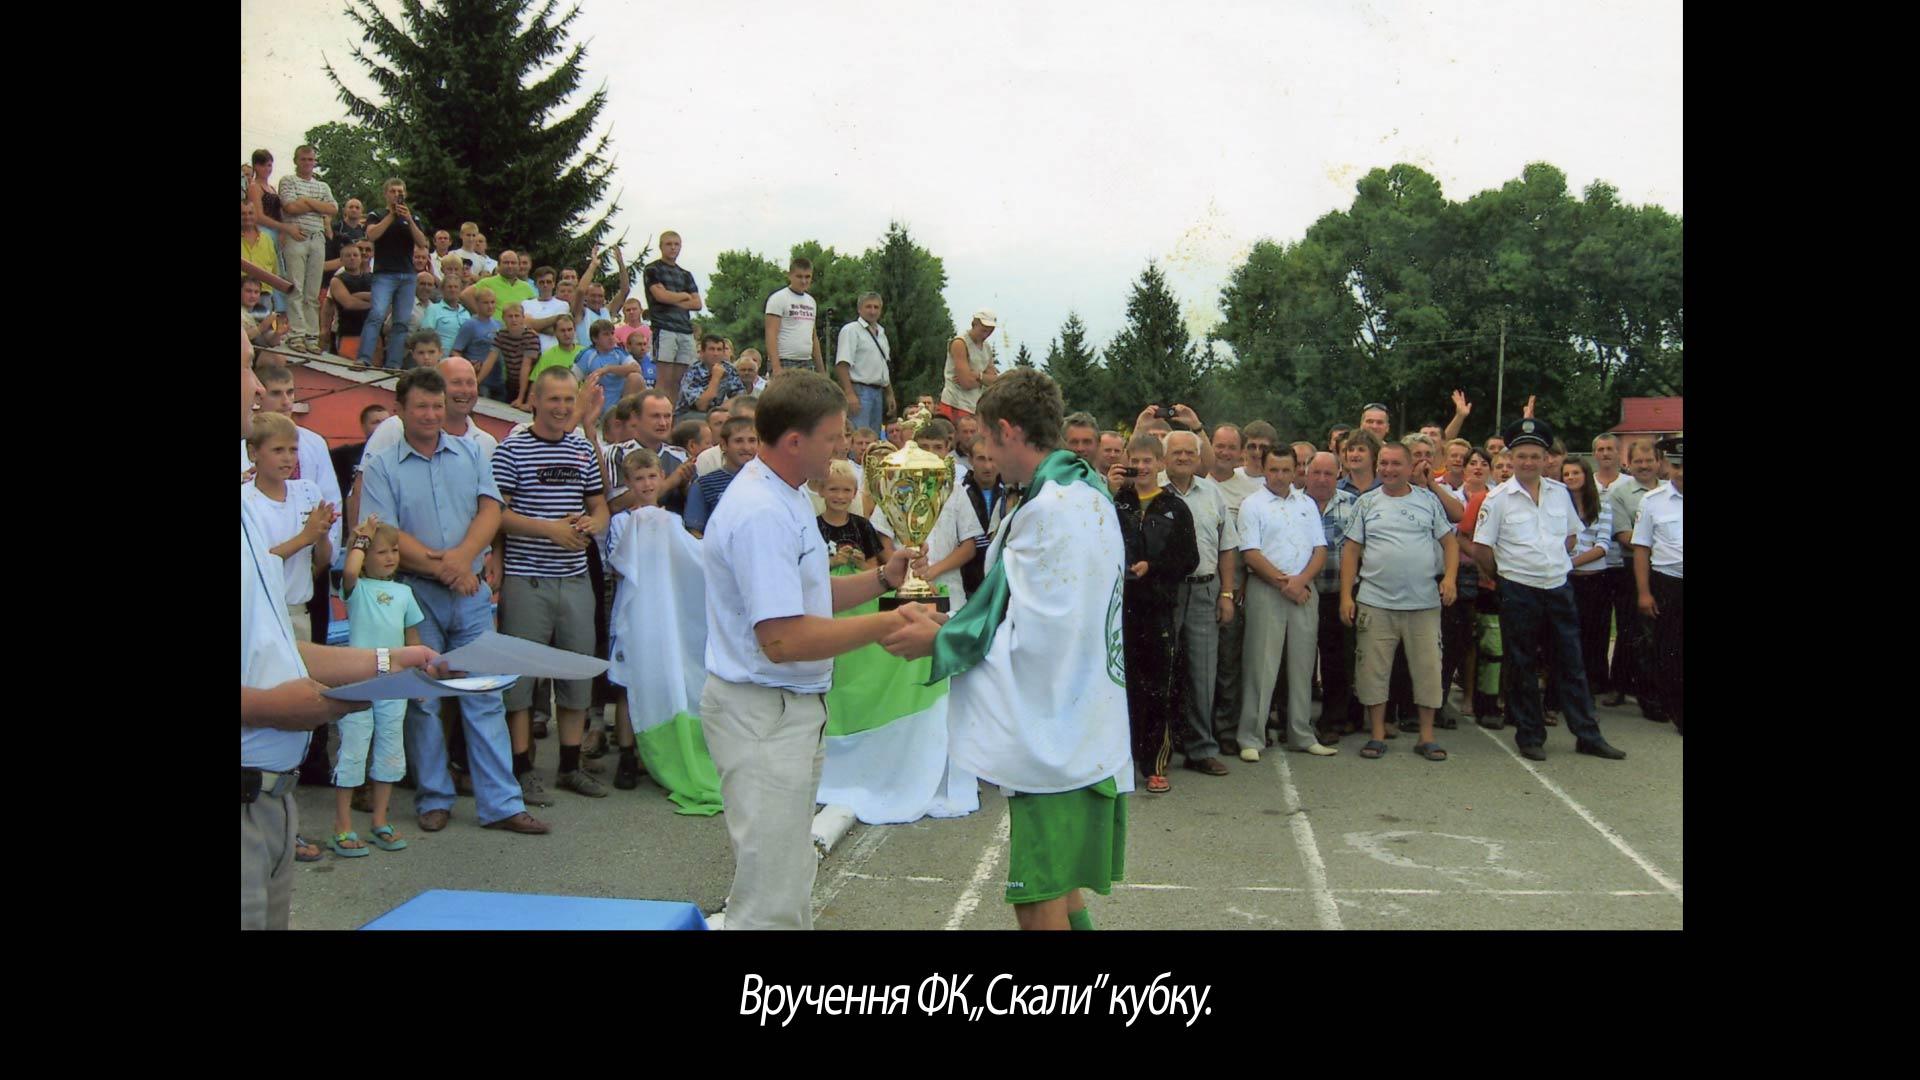 """Вручення ФК """"Скали"""" кубку."""